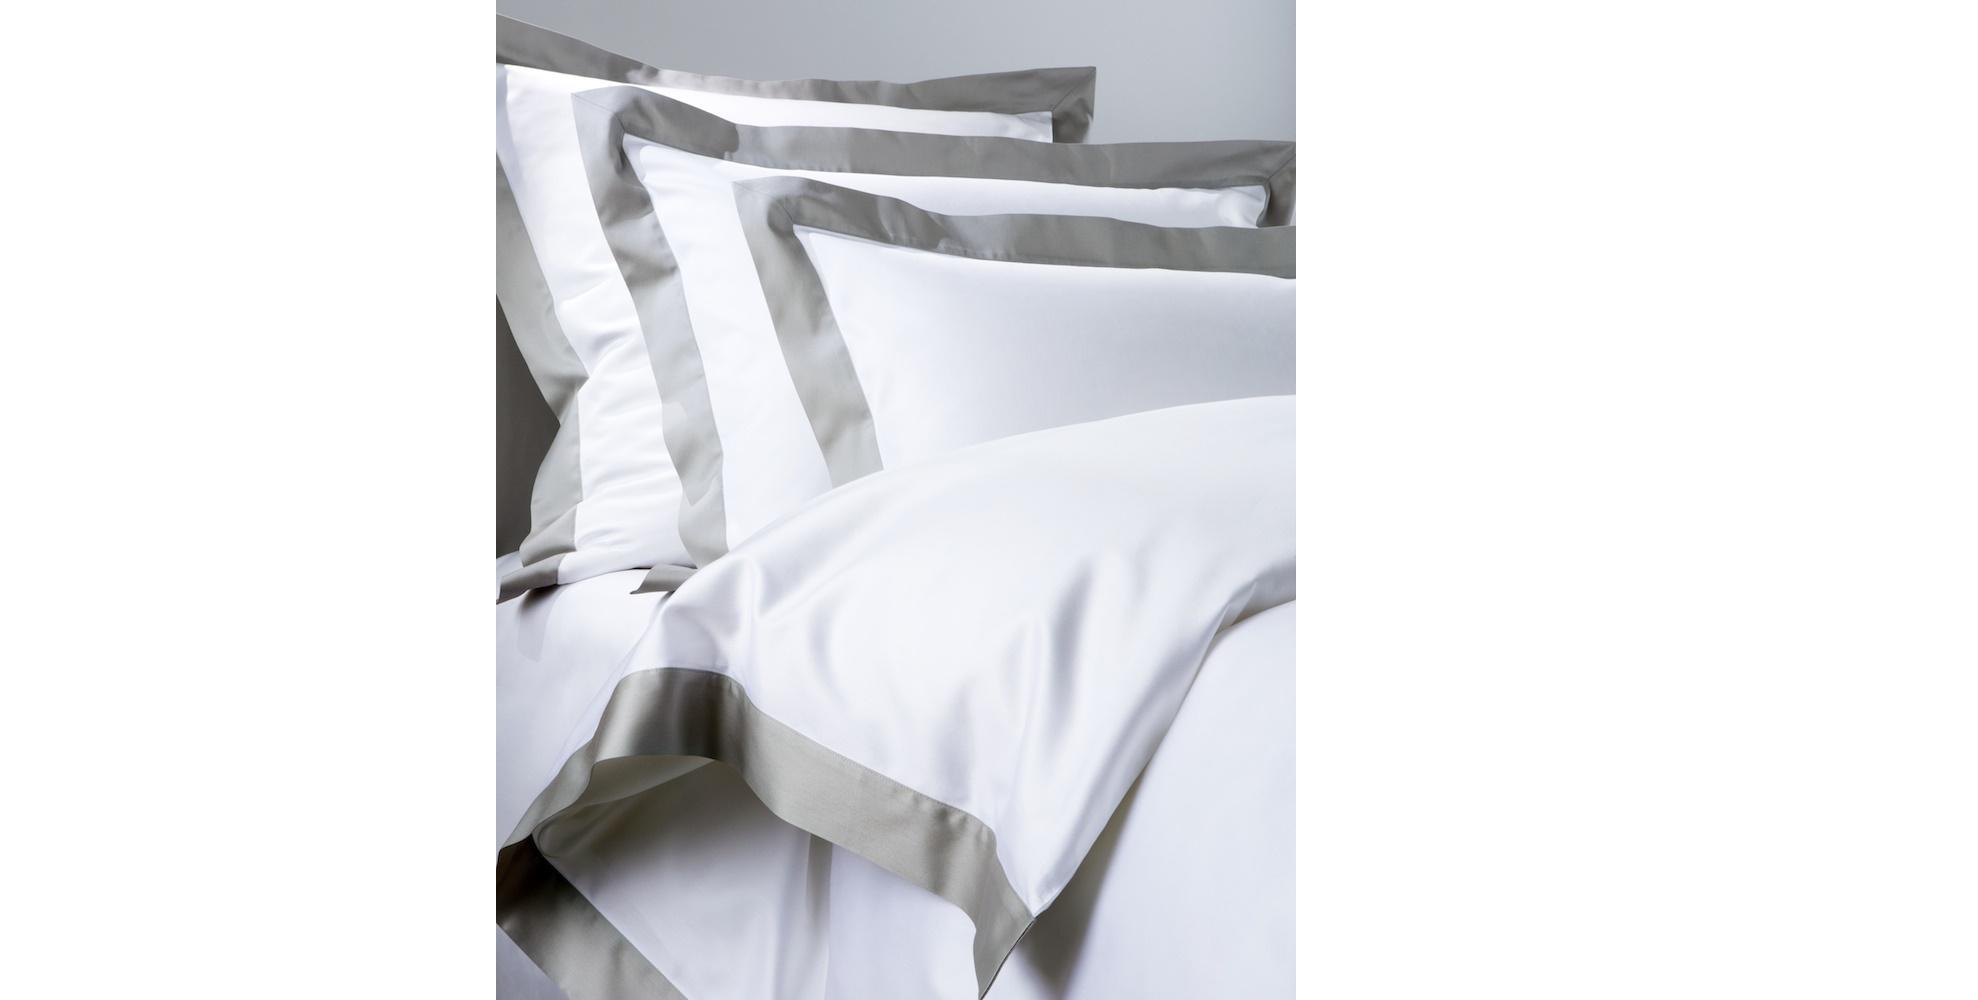 Комплект  постельного белья FOSCARI DOLOMIA (королевский)Двуспальные комплекты постельного белья<br>&amp;lt;div&amp;gt;Этот комплект постельного белья изготовлен из белого сатина с контрастными полосами-вставками. Материю ткут на лучших итальянских мануфактурах из египетского длинноволокнистого хлопка с плотностью 600 ТС. Такая ткань отличается особенной гладкостью и мягкостью. Набор упакован в подарочную коробку и состоит из пододеяльника 240х220 см, простыни 260х280 см и двух наволочек 50х70 см. Рекомендуется стирать белье при 40°С, предварительно застегнув все молнии, гладить ? влажным, при 150°С.&amp;lt;/div&amp;gt;<br><br>Material: Сатин<br>Length см: 280<br>Width см: 260